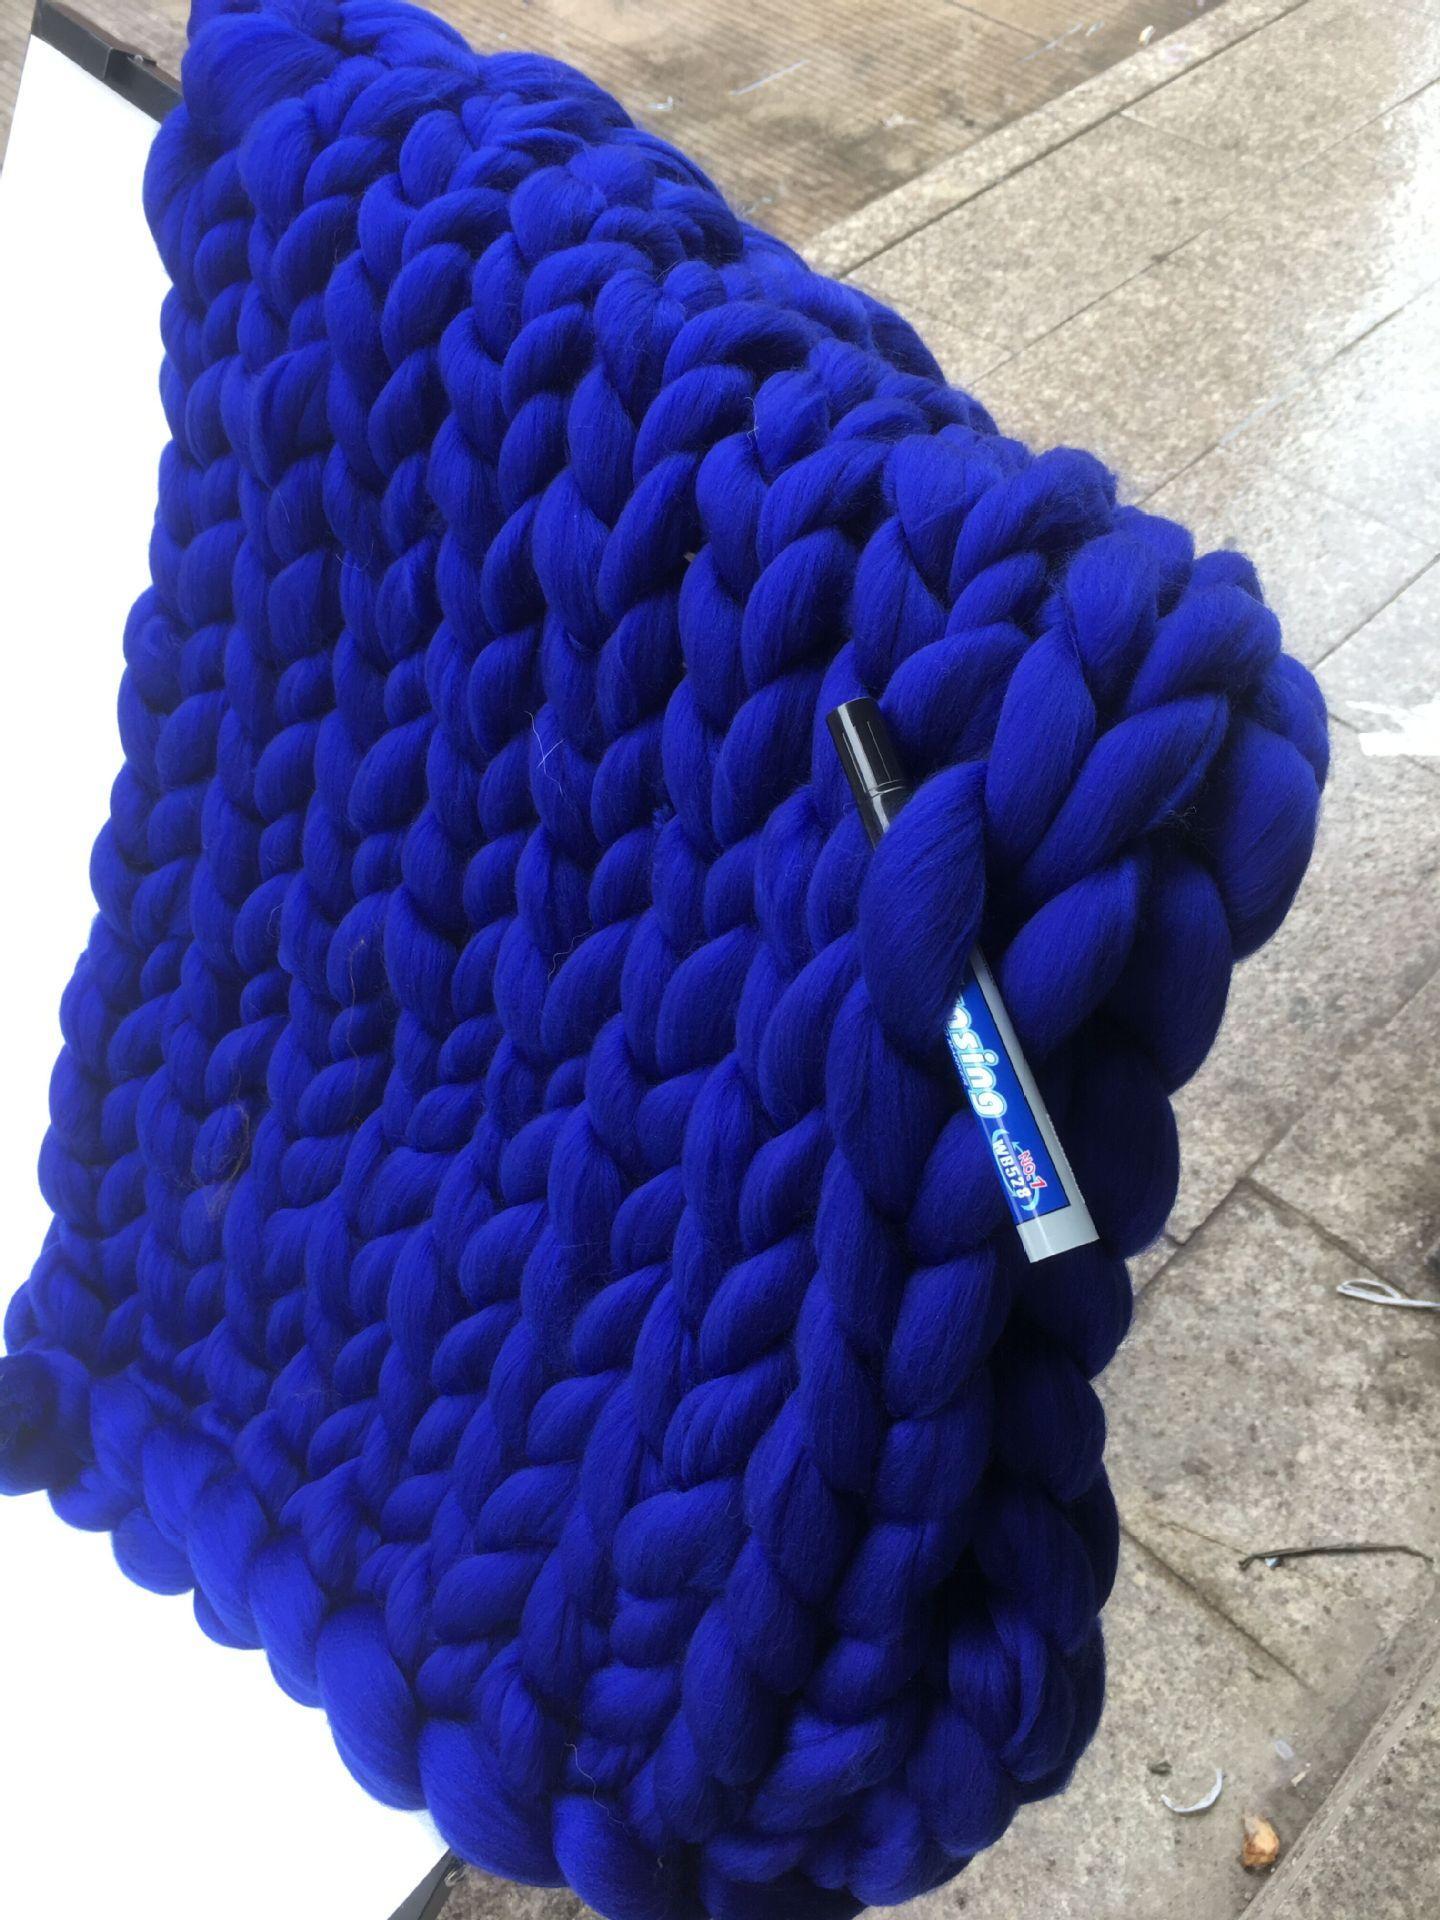 بطانية من الصوف الدافئة مكتنزة حك بطانية سميكة نسج غزل الصوف ميرينو ذات الحجم الكبير يدويا مكتنزة محبوك البطانيات 14 لون WX9-18